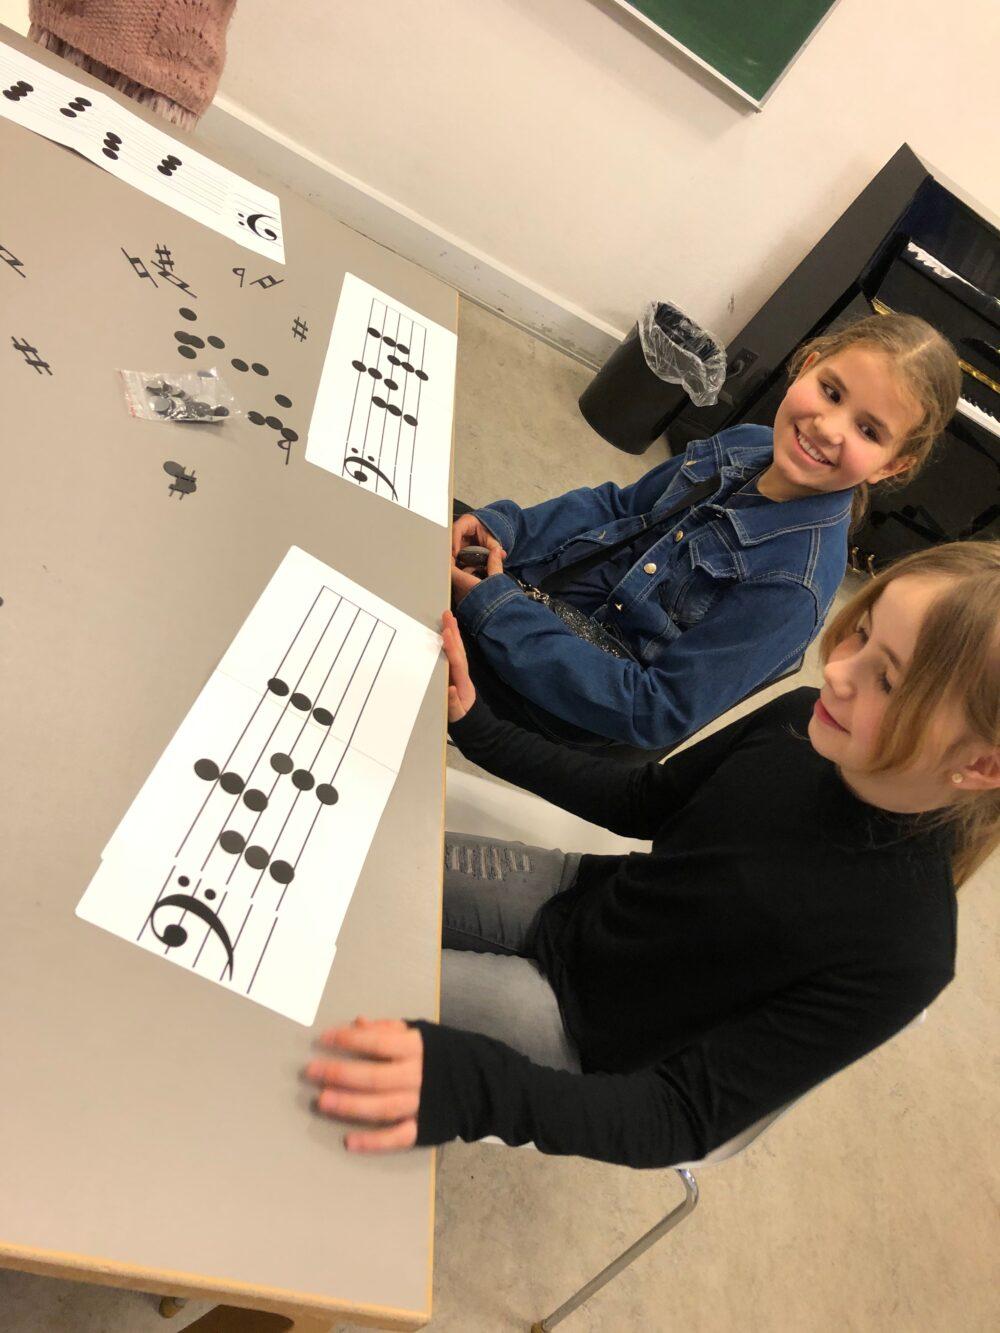 Music Work Out - Musikteori, spil, musikbøger og hørelære